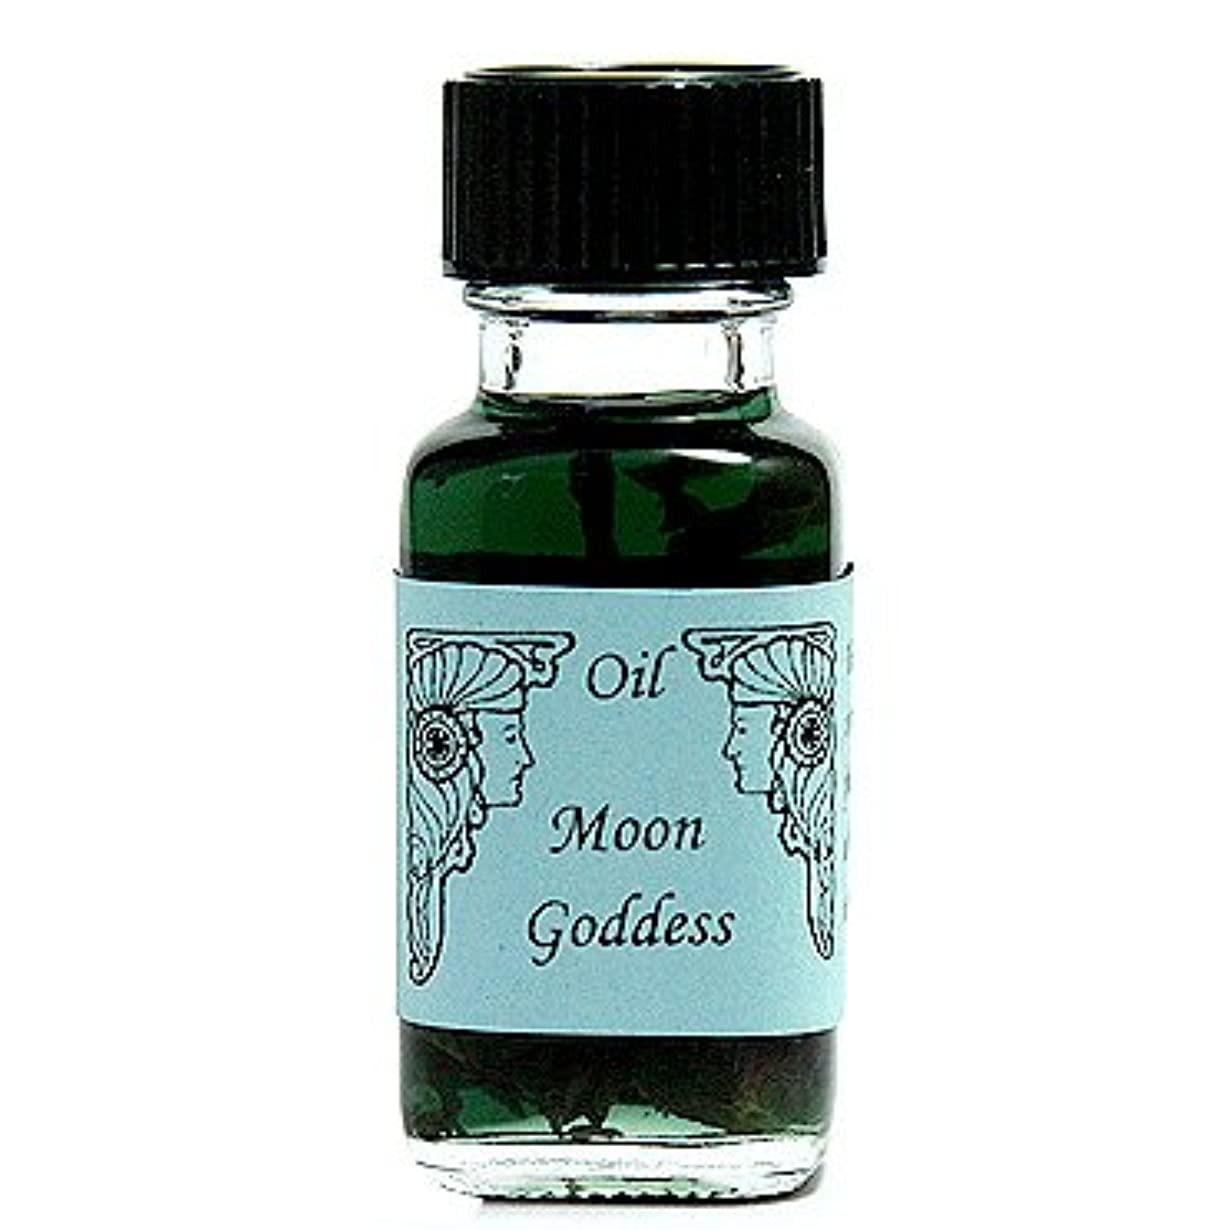 迷路穿孔する下着アンシェントメモリーオイル ムーンゴッデス (月の女神) 15ml (Ancient Memory Oils)